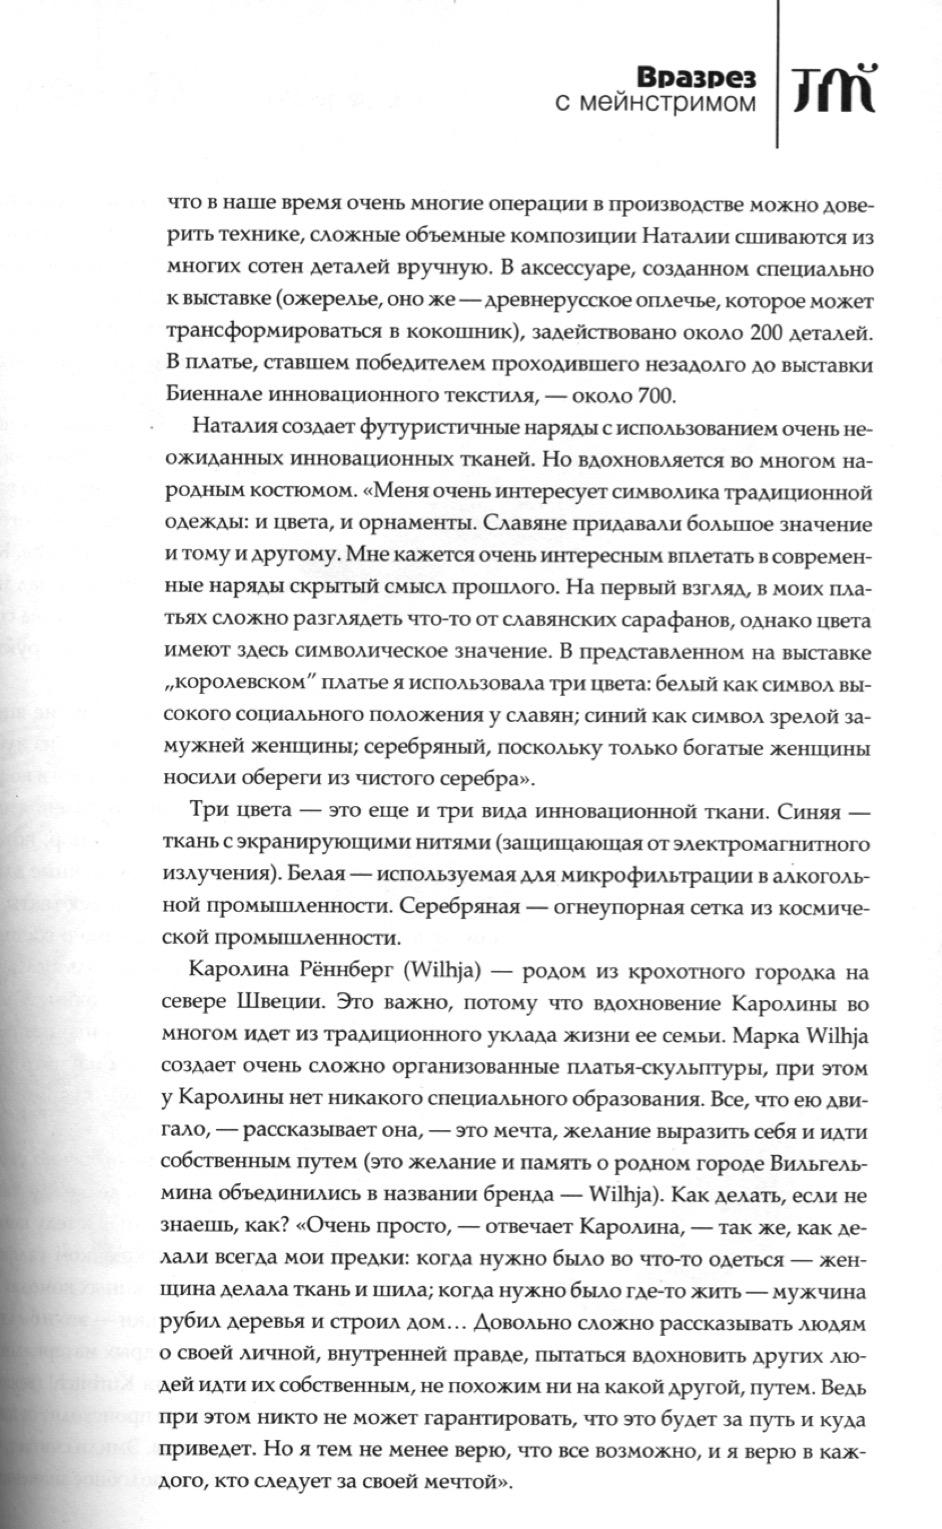 FASHION THEORY page 2